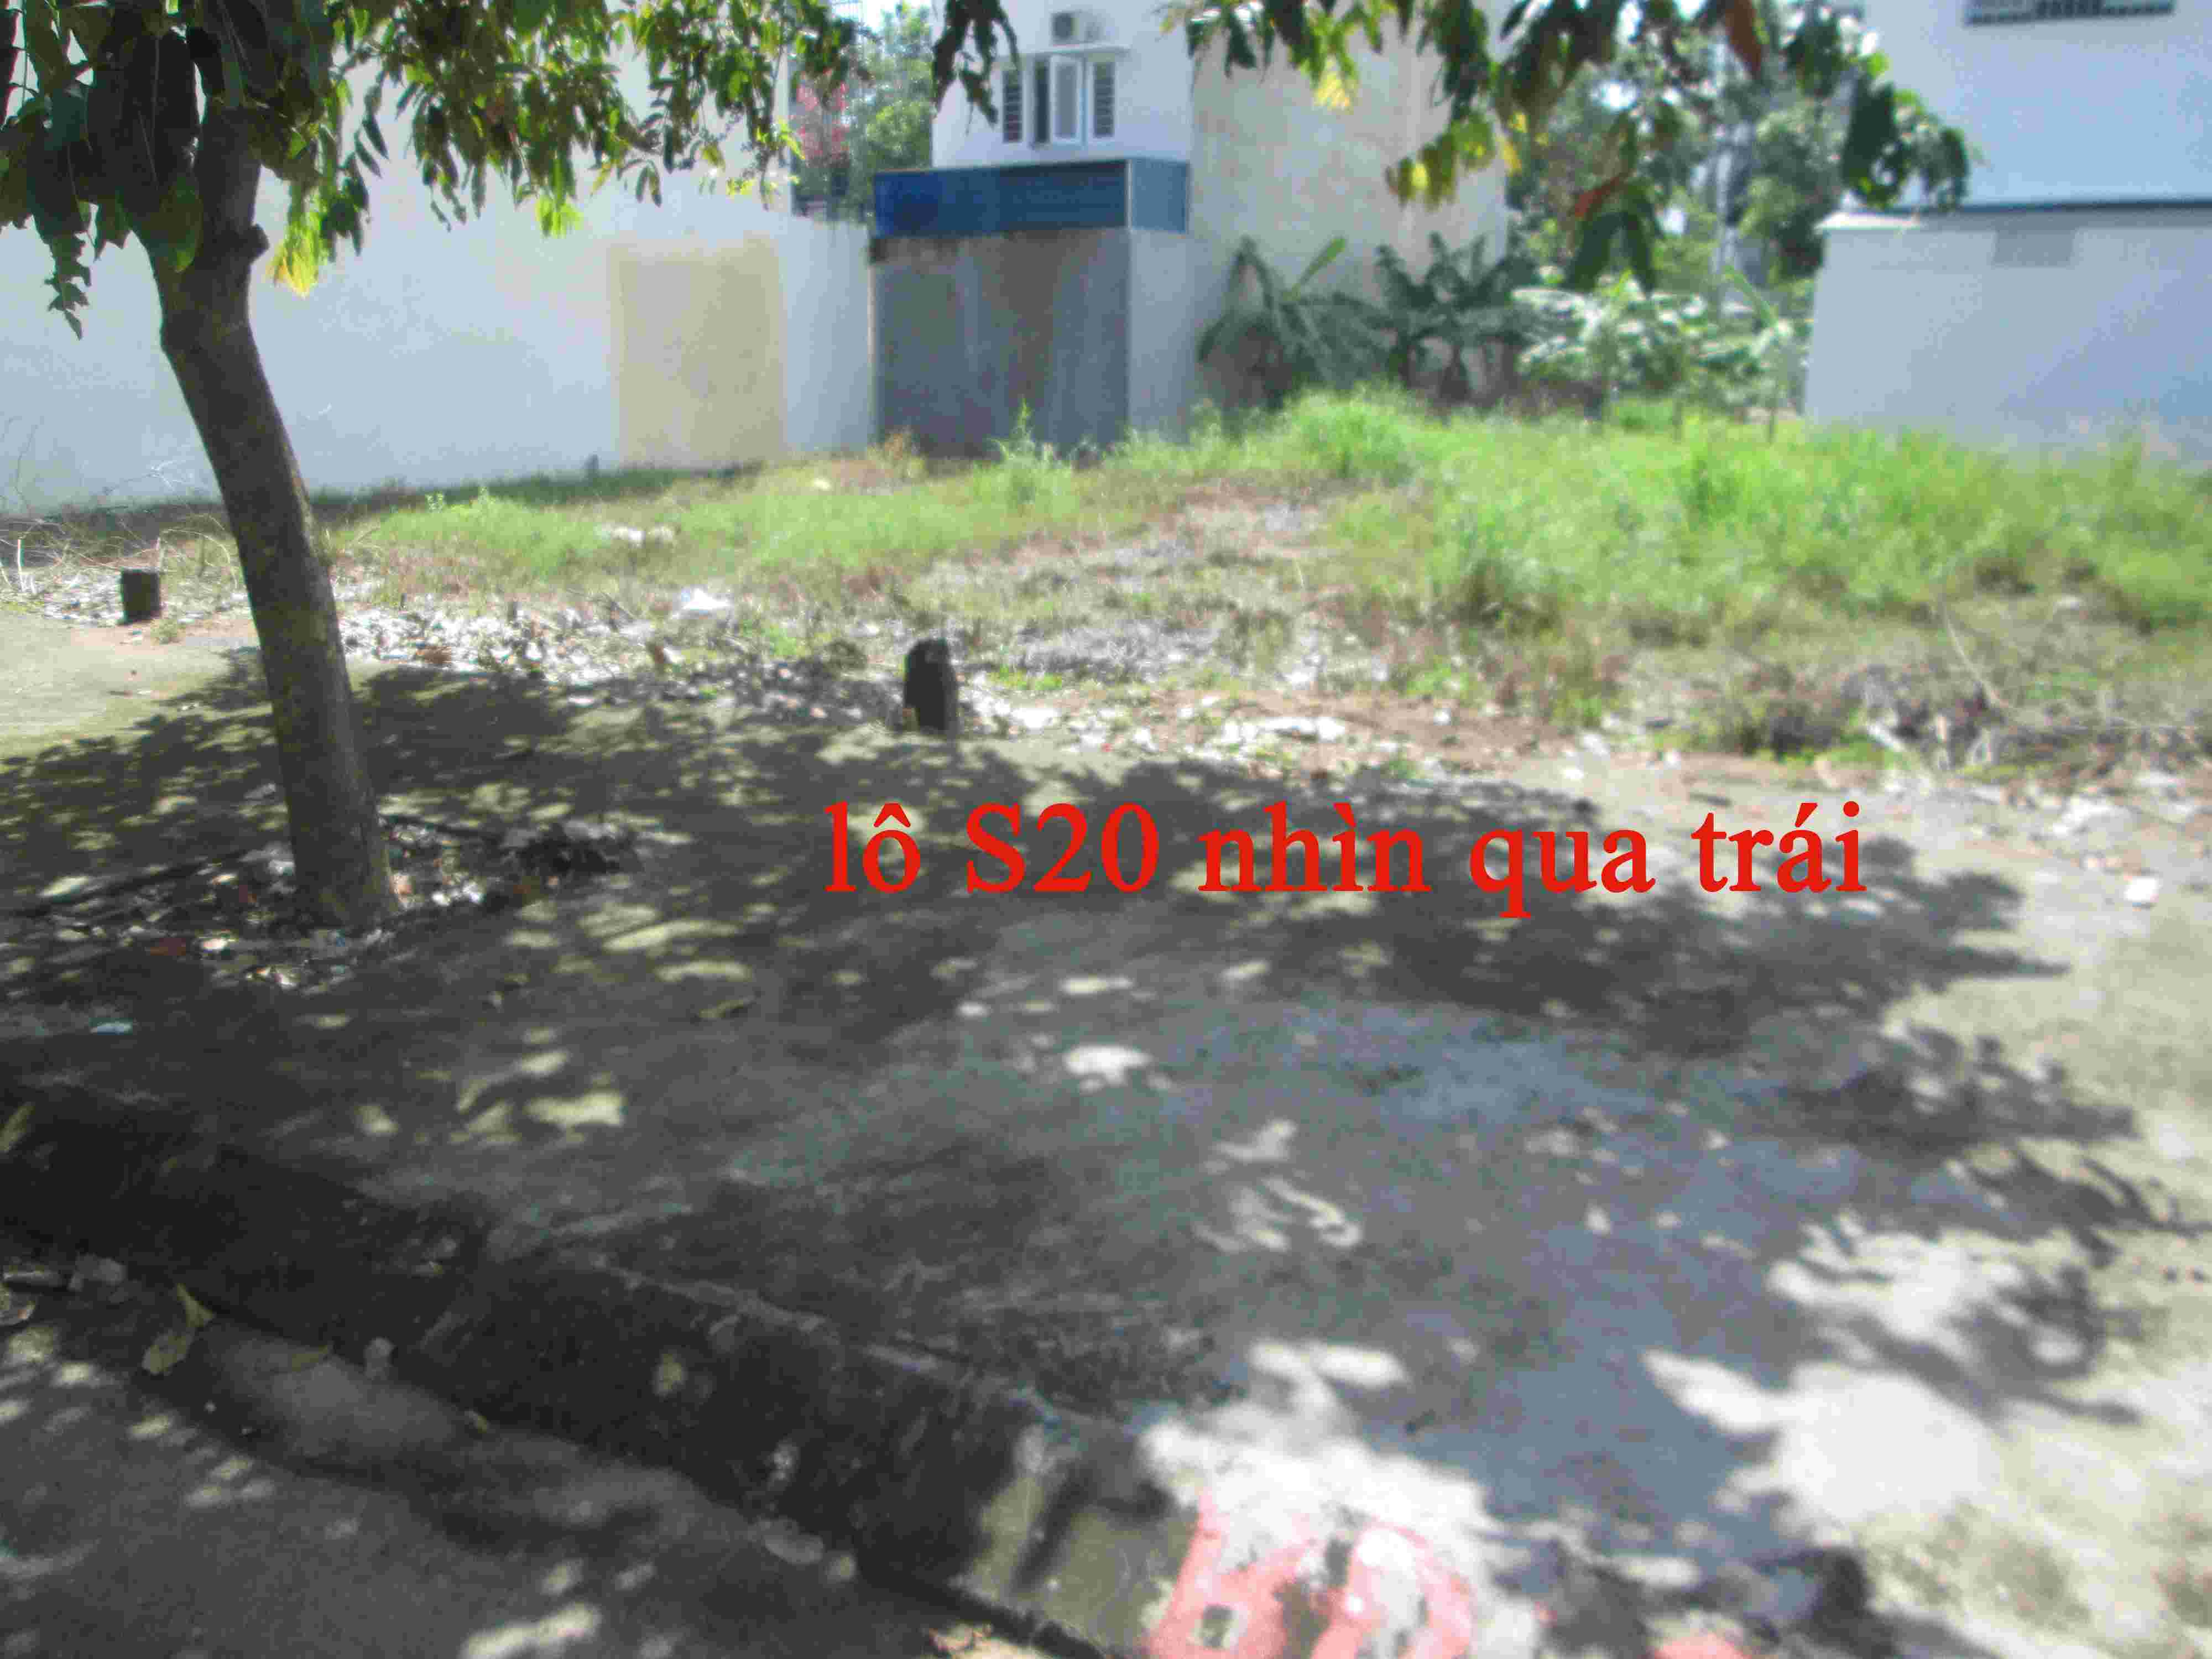 Cần bán nền đất khu dân cư Sadeco Phước Kiển A, nền T16, sổ đỏ, 95m2 , đường 12m ,hướng ĐN, giá 62.5 trieu/m2.. LH: 0913.050.053